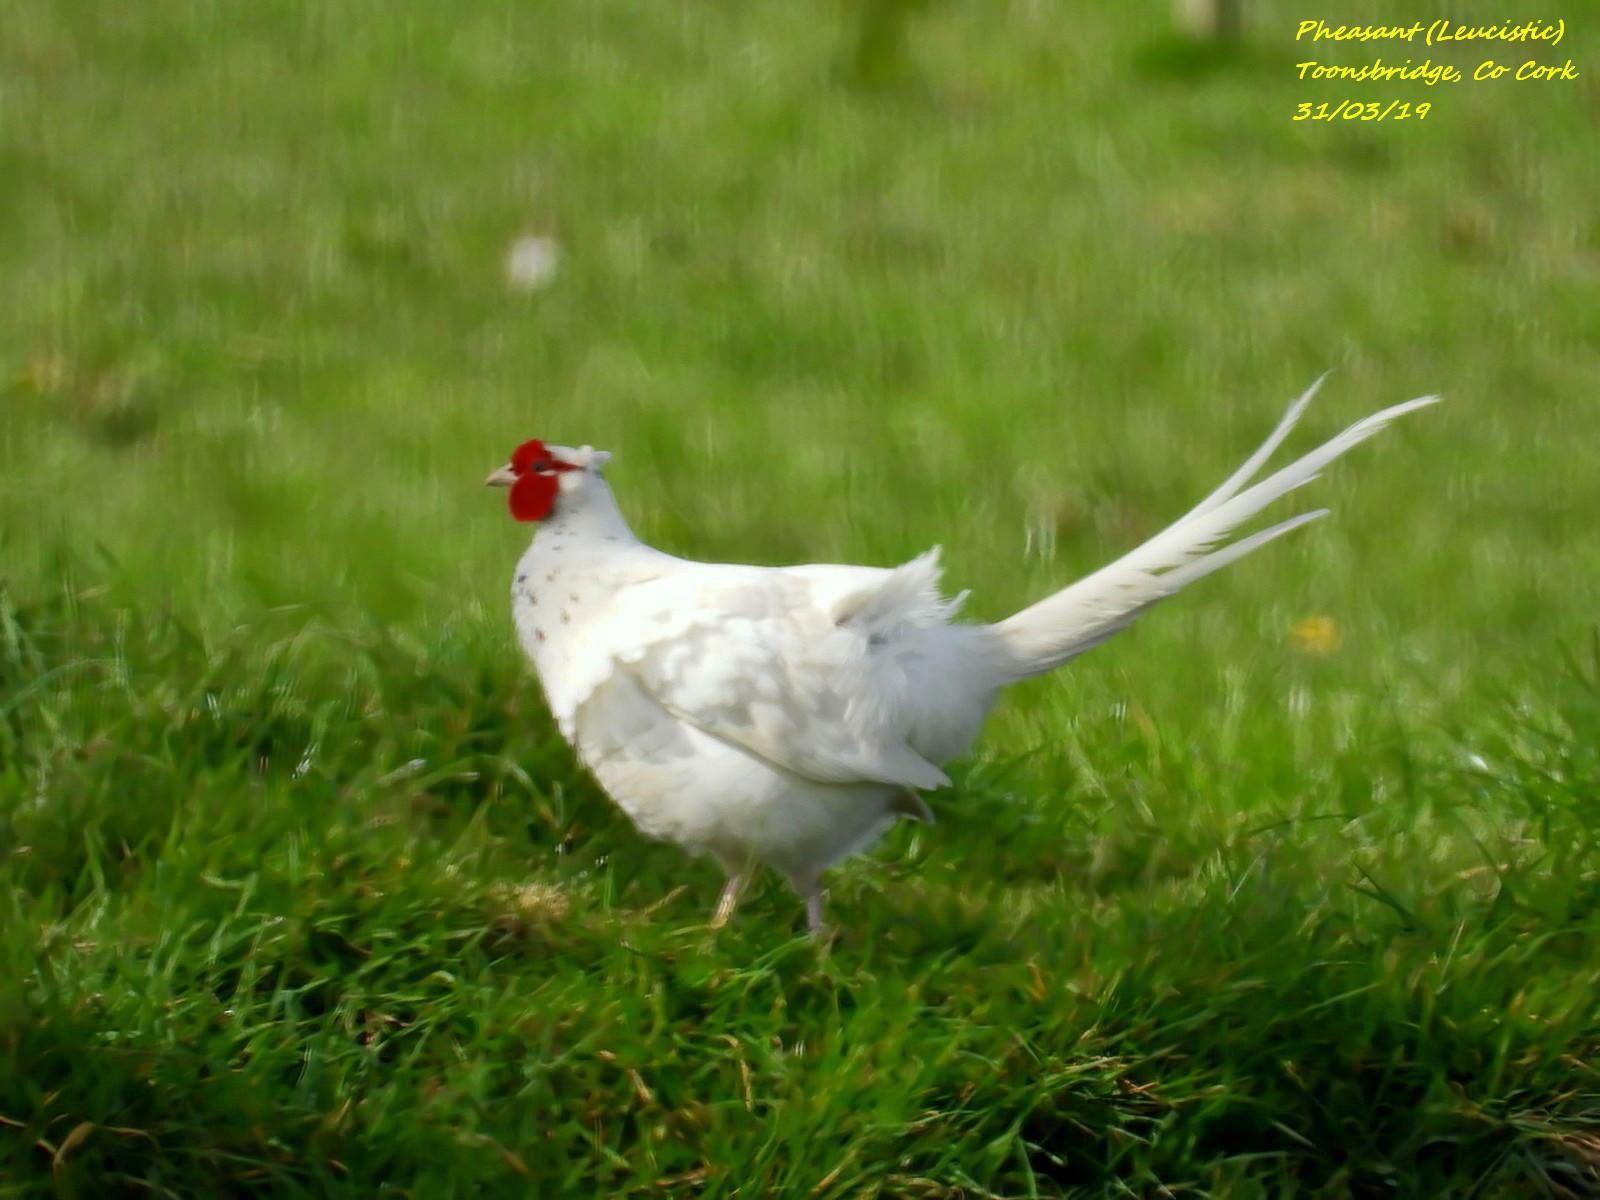 Pheasant (Leucistic) 5